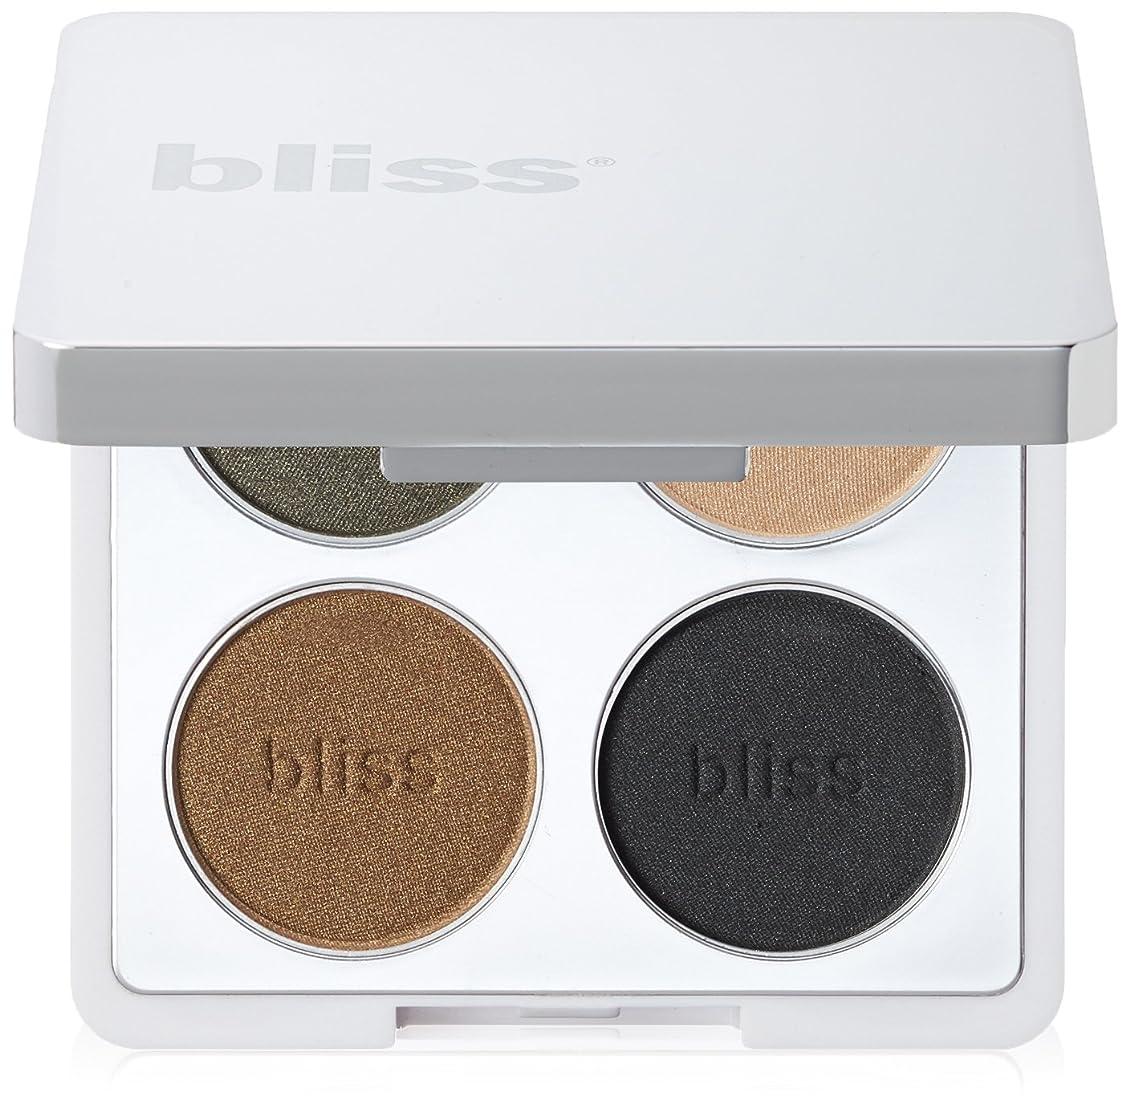 終了する規制する枯れるブリス Hey Four Eyes 4 Piece Eyeshadow Palette - # Sage 6.8g/0.24oz並行輸入品